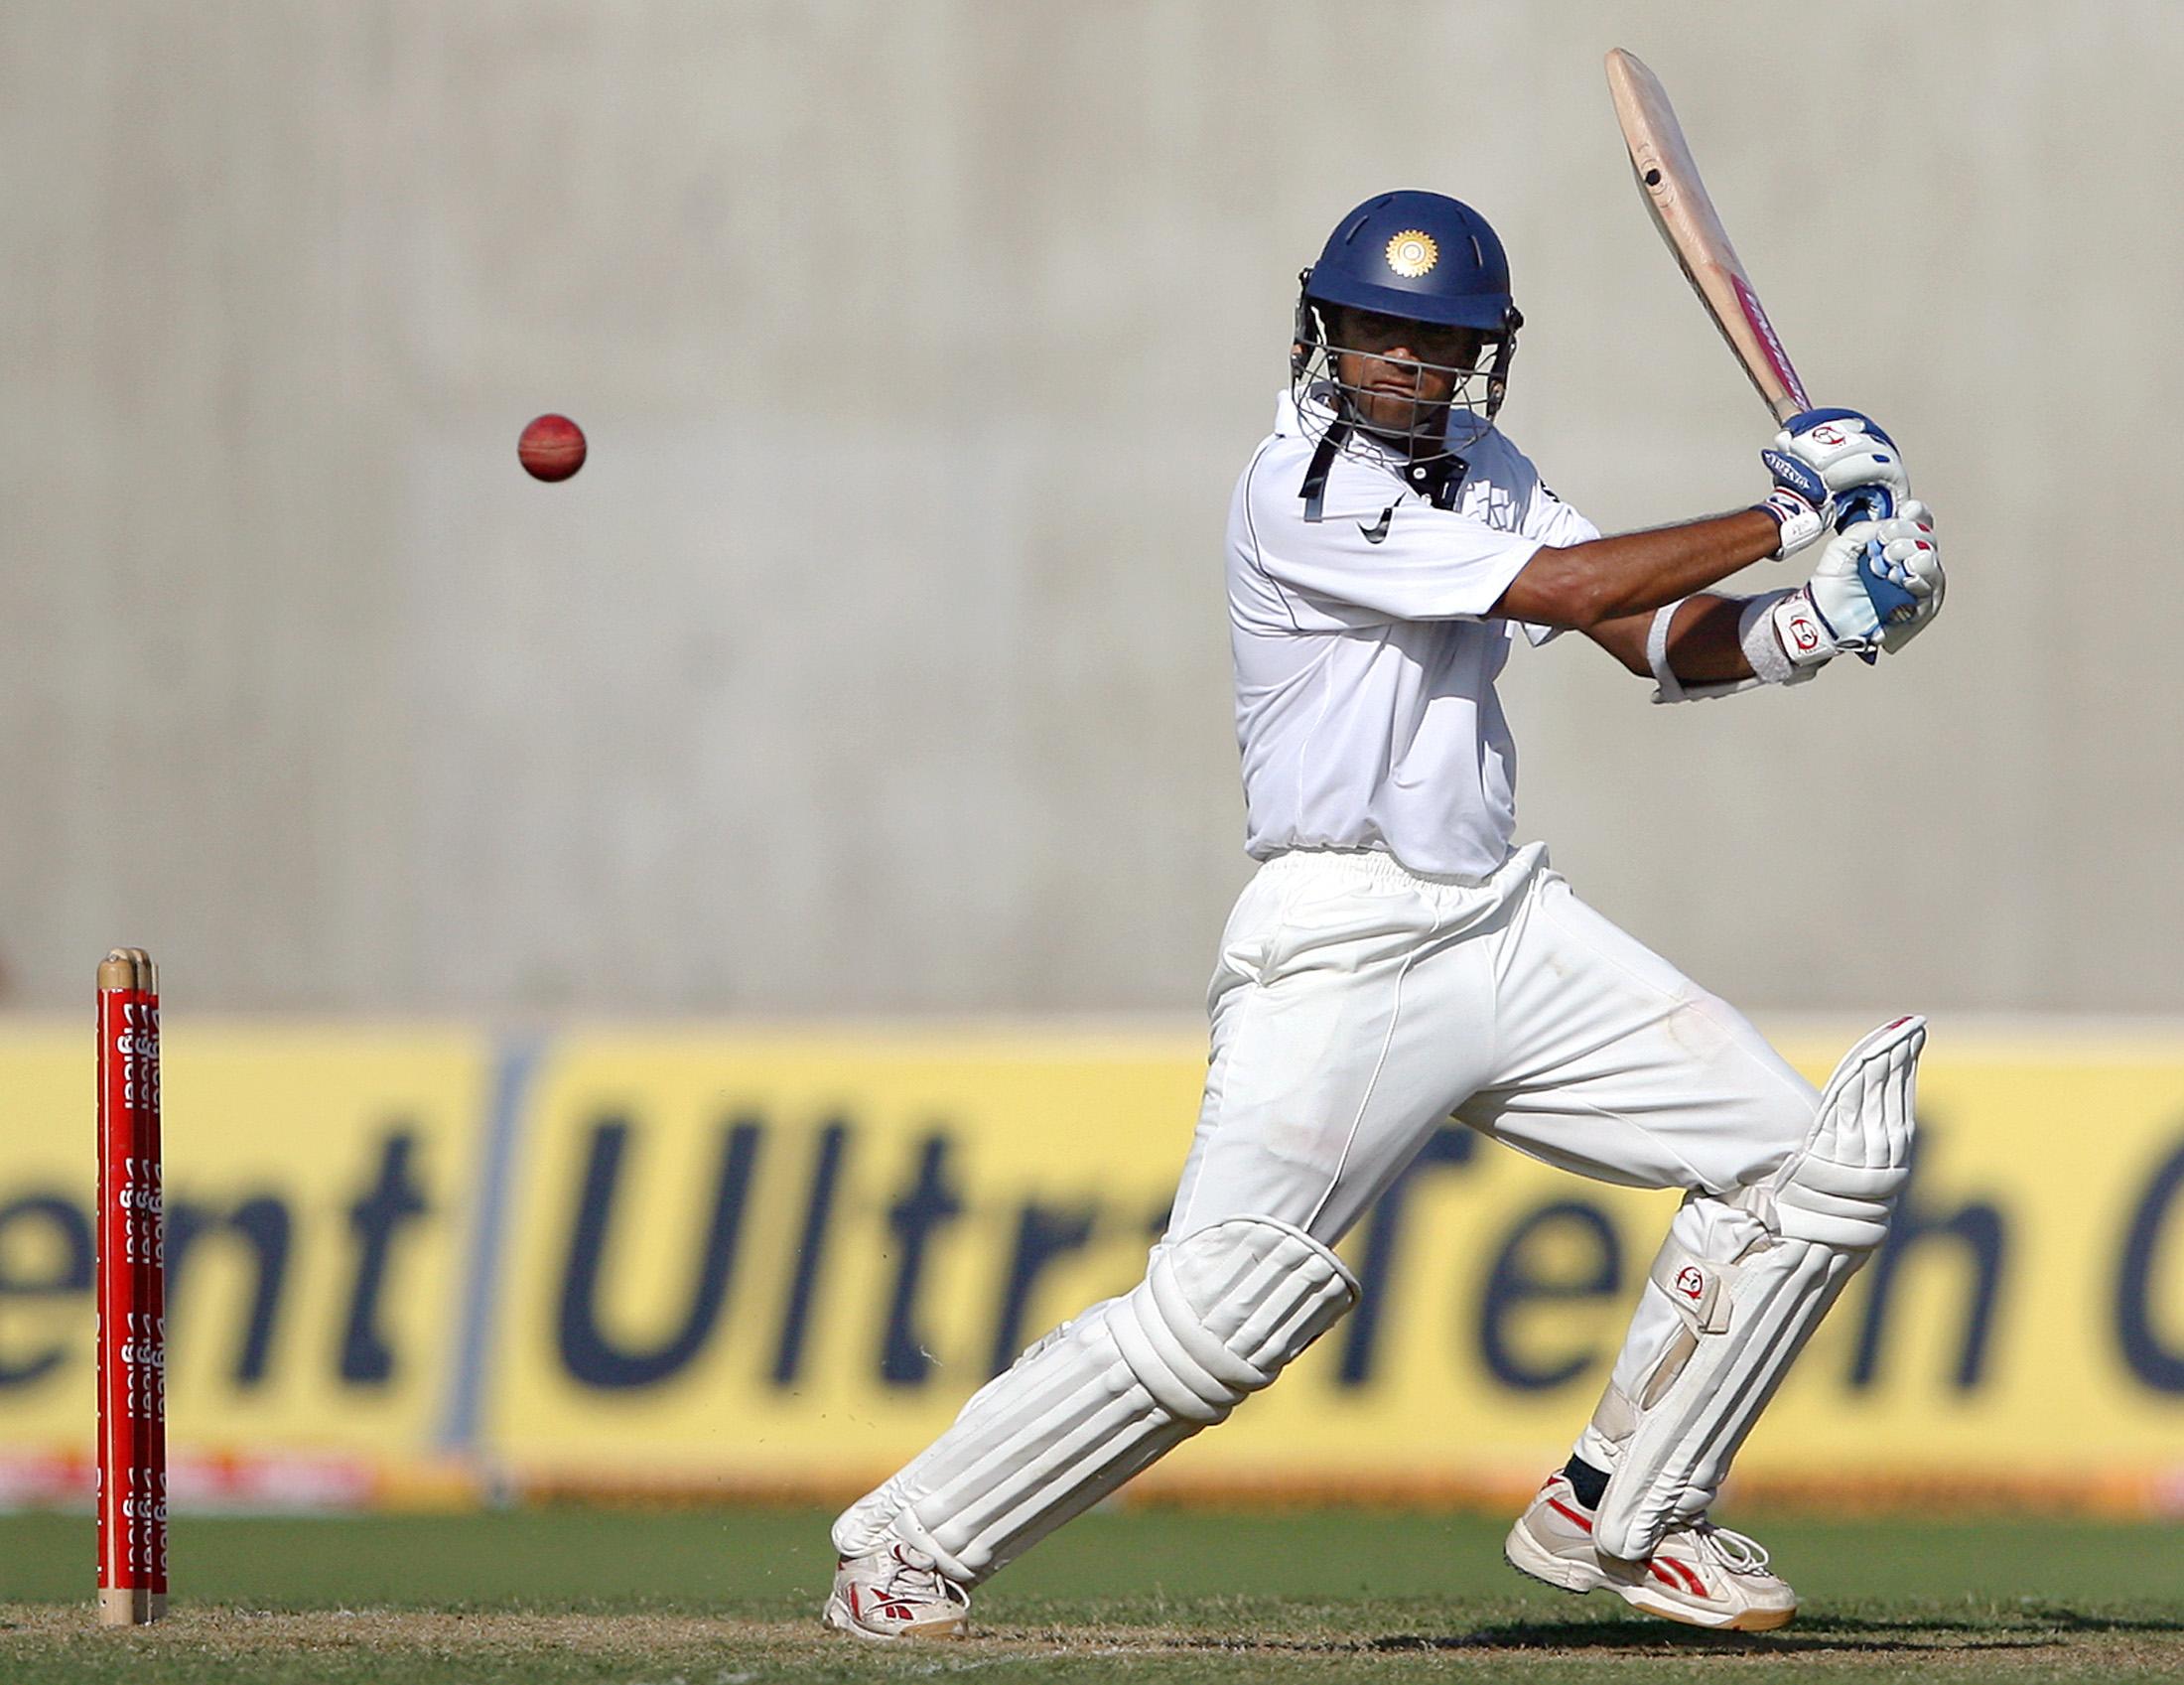 राहुल द्रविड़ खुद को मानते है असफल खिलाड़ी, बताया भारत को इतने मैच जीताने के बाद भी क्यों मानते है खुद को असफल 13